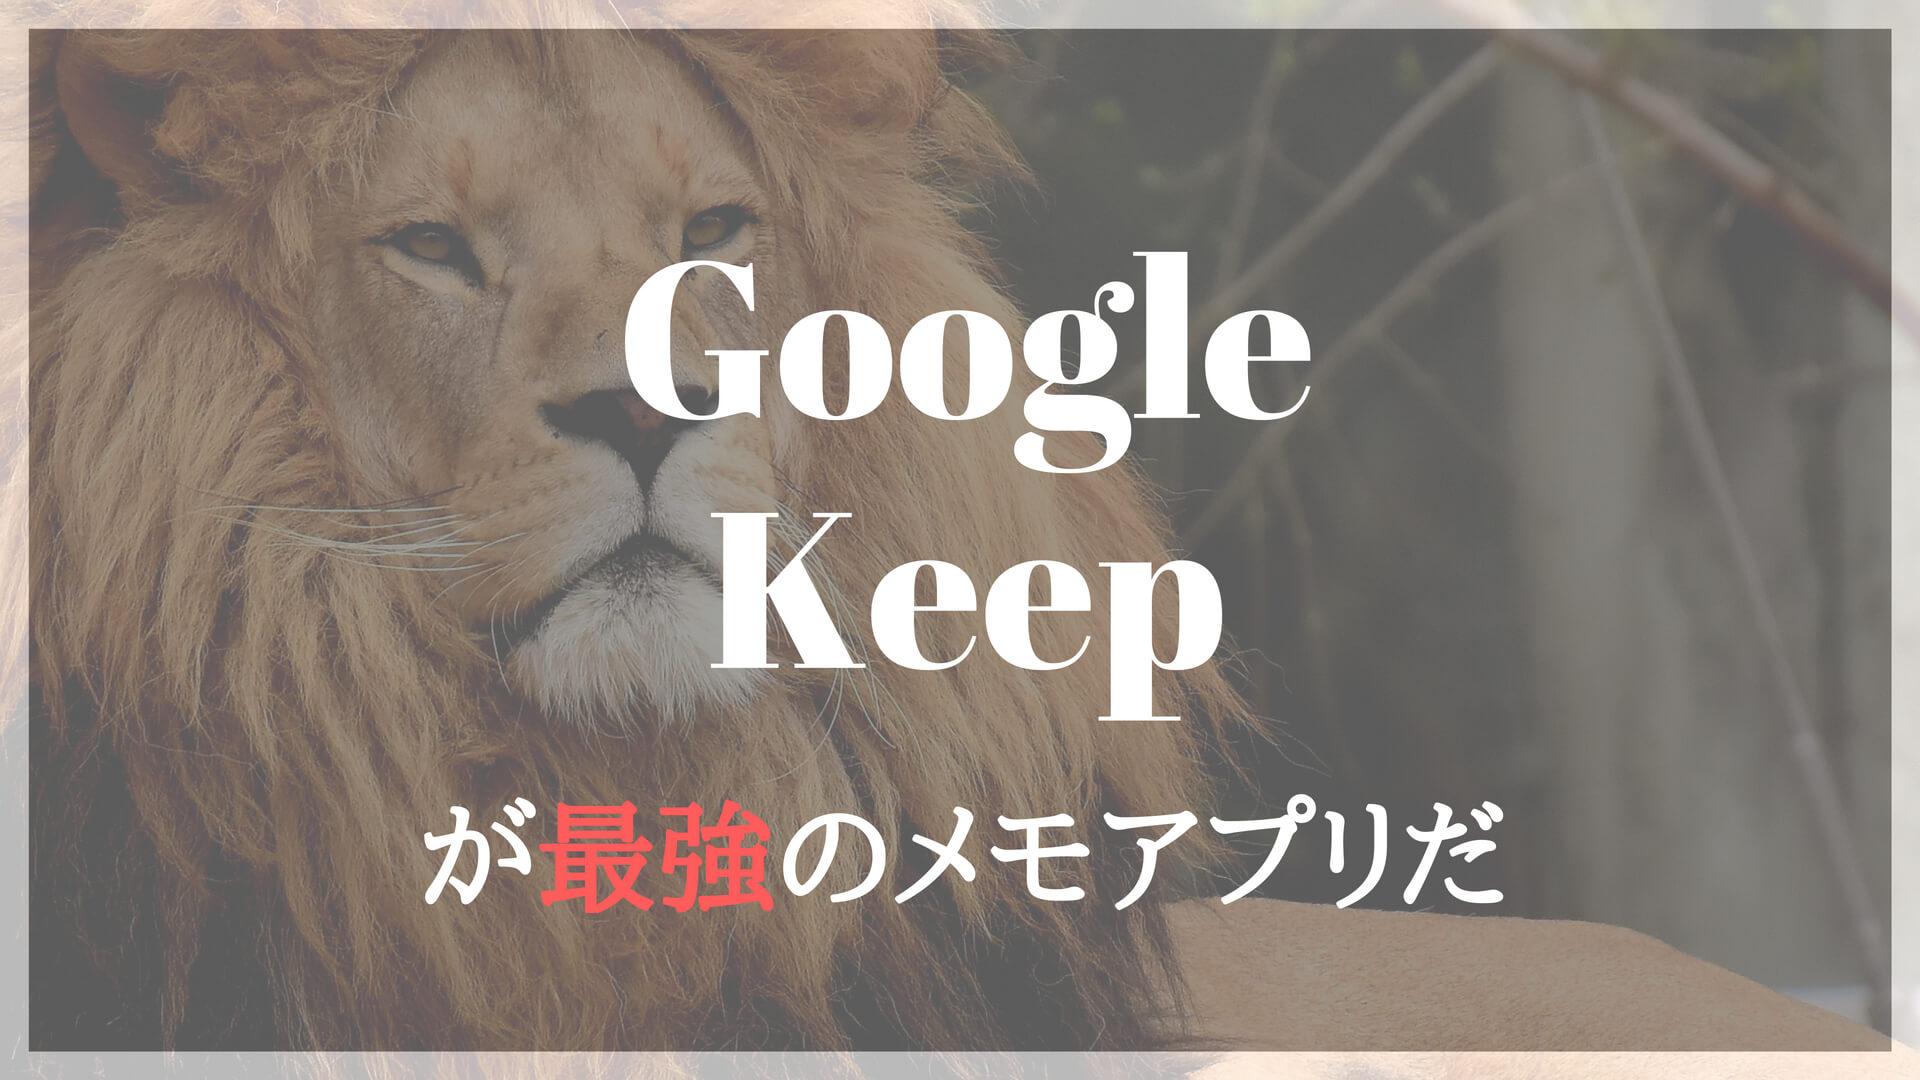 最強のメモ帳アプリはGoogle Keepだ!